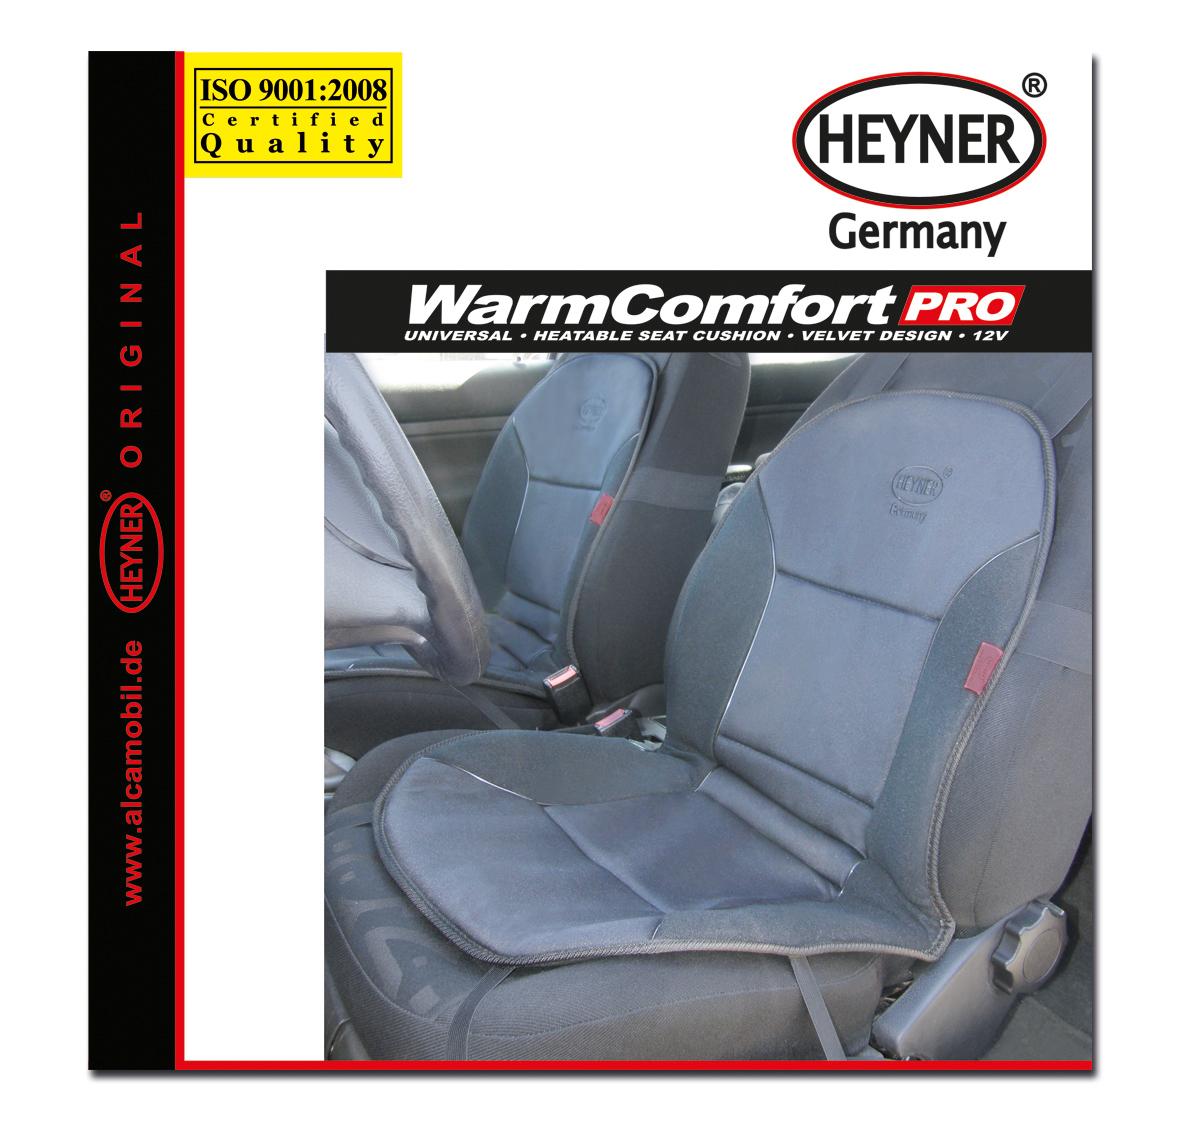 Накидка на сиденье Heyner, с подогревом, цвет: серый, 12V506200Накидка Heyner предназначена для сиденья водителя. Изделие выполнено из прочного материала и снабжено большой поверхностью подогрева. Три режима подогрева обеспечивают комфорт во время эксплуатации. Нагревательные элементы устойчивы к поломке. Накидка снабжена кабелем для подключения к прикуривателю. Защита от перегрева гарантирует долгий срок службы.Напряжение: 12V.